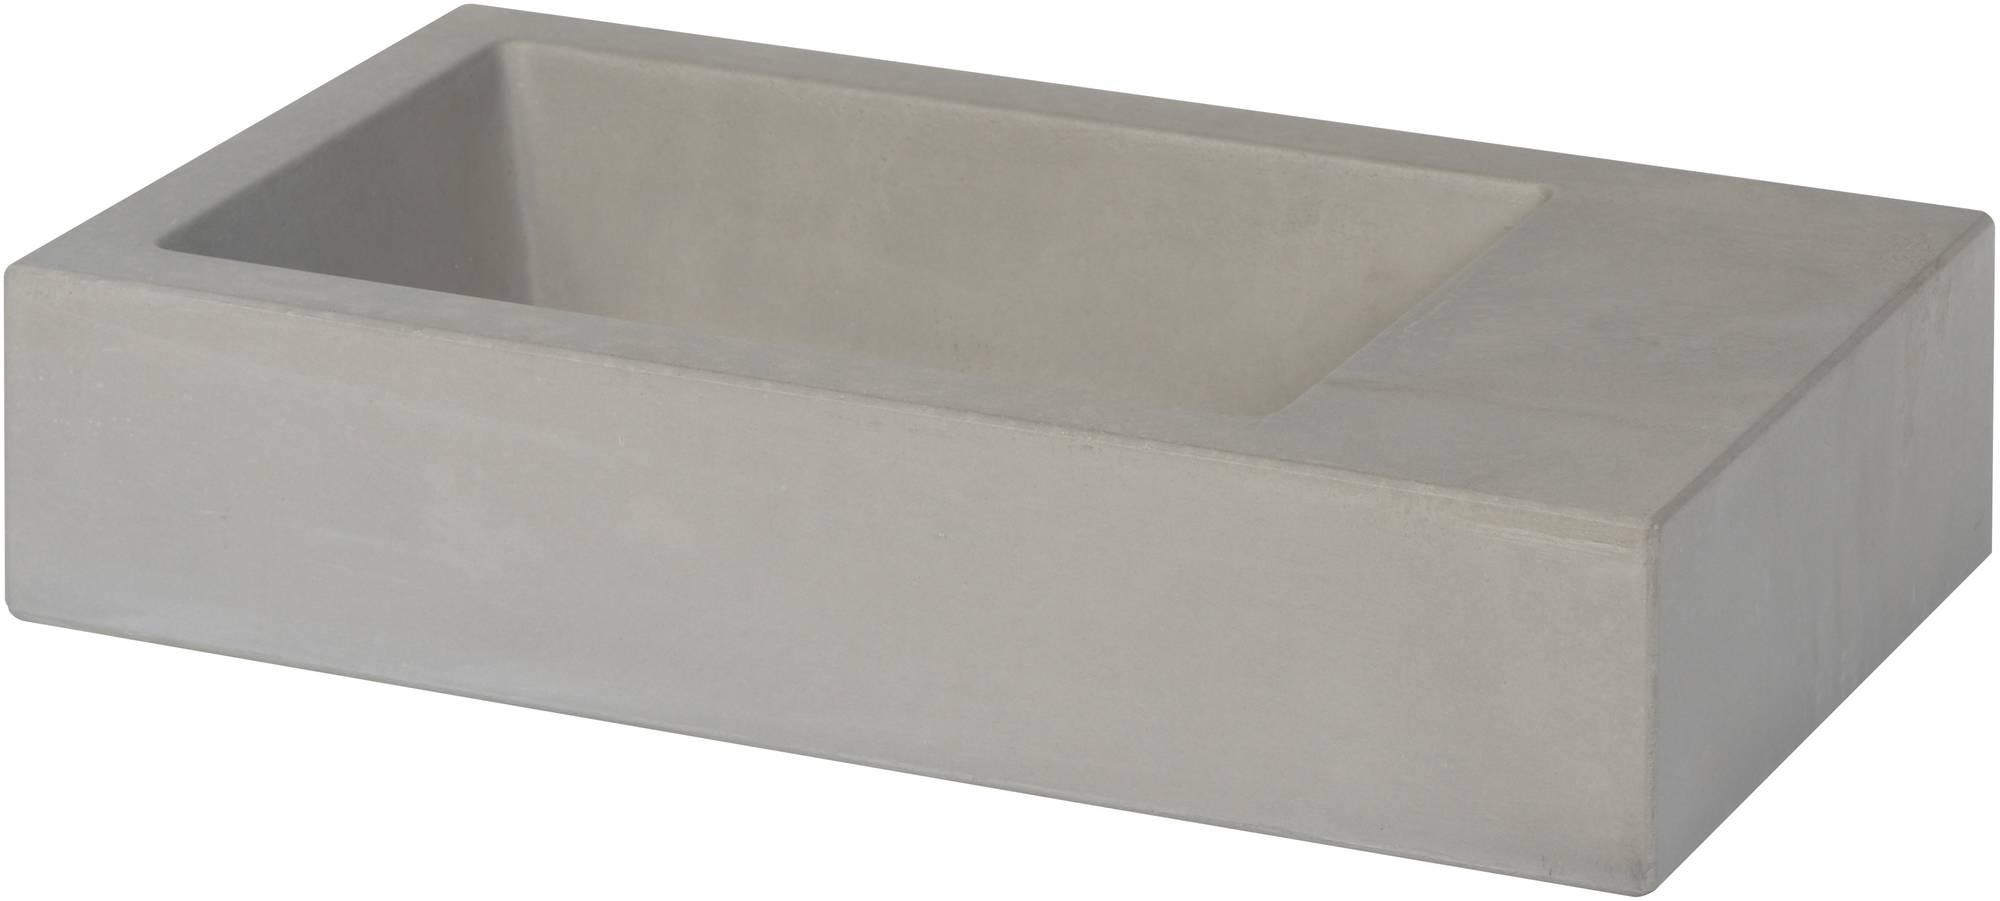 Ben Titan Fontein R 40x22,5x9,4 cm zonder Krg. Beton